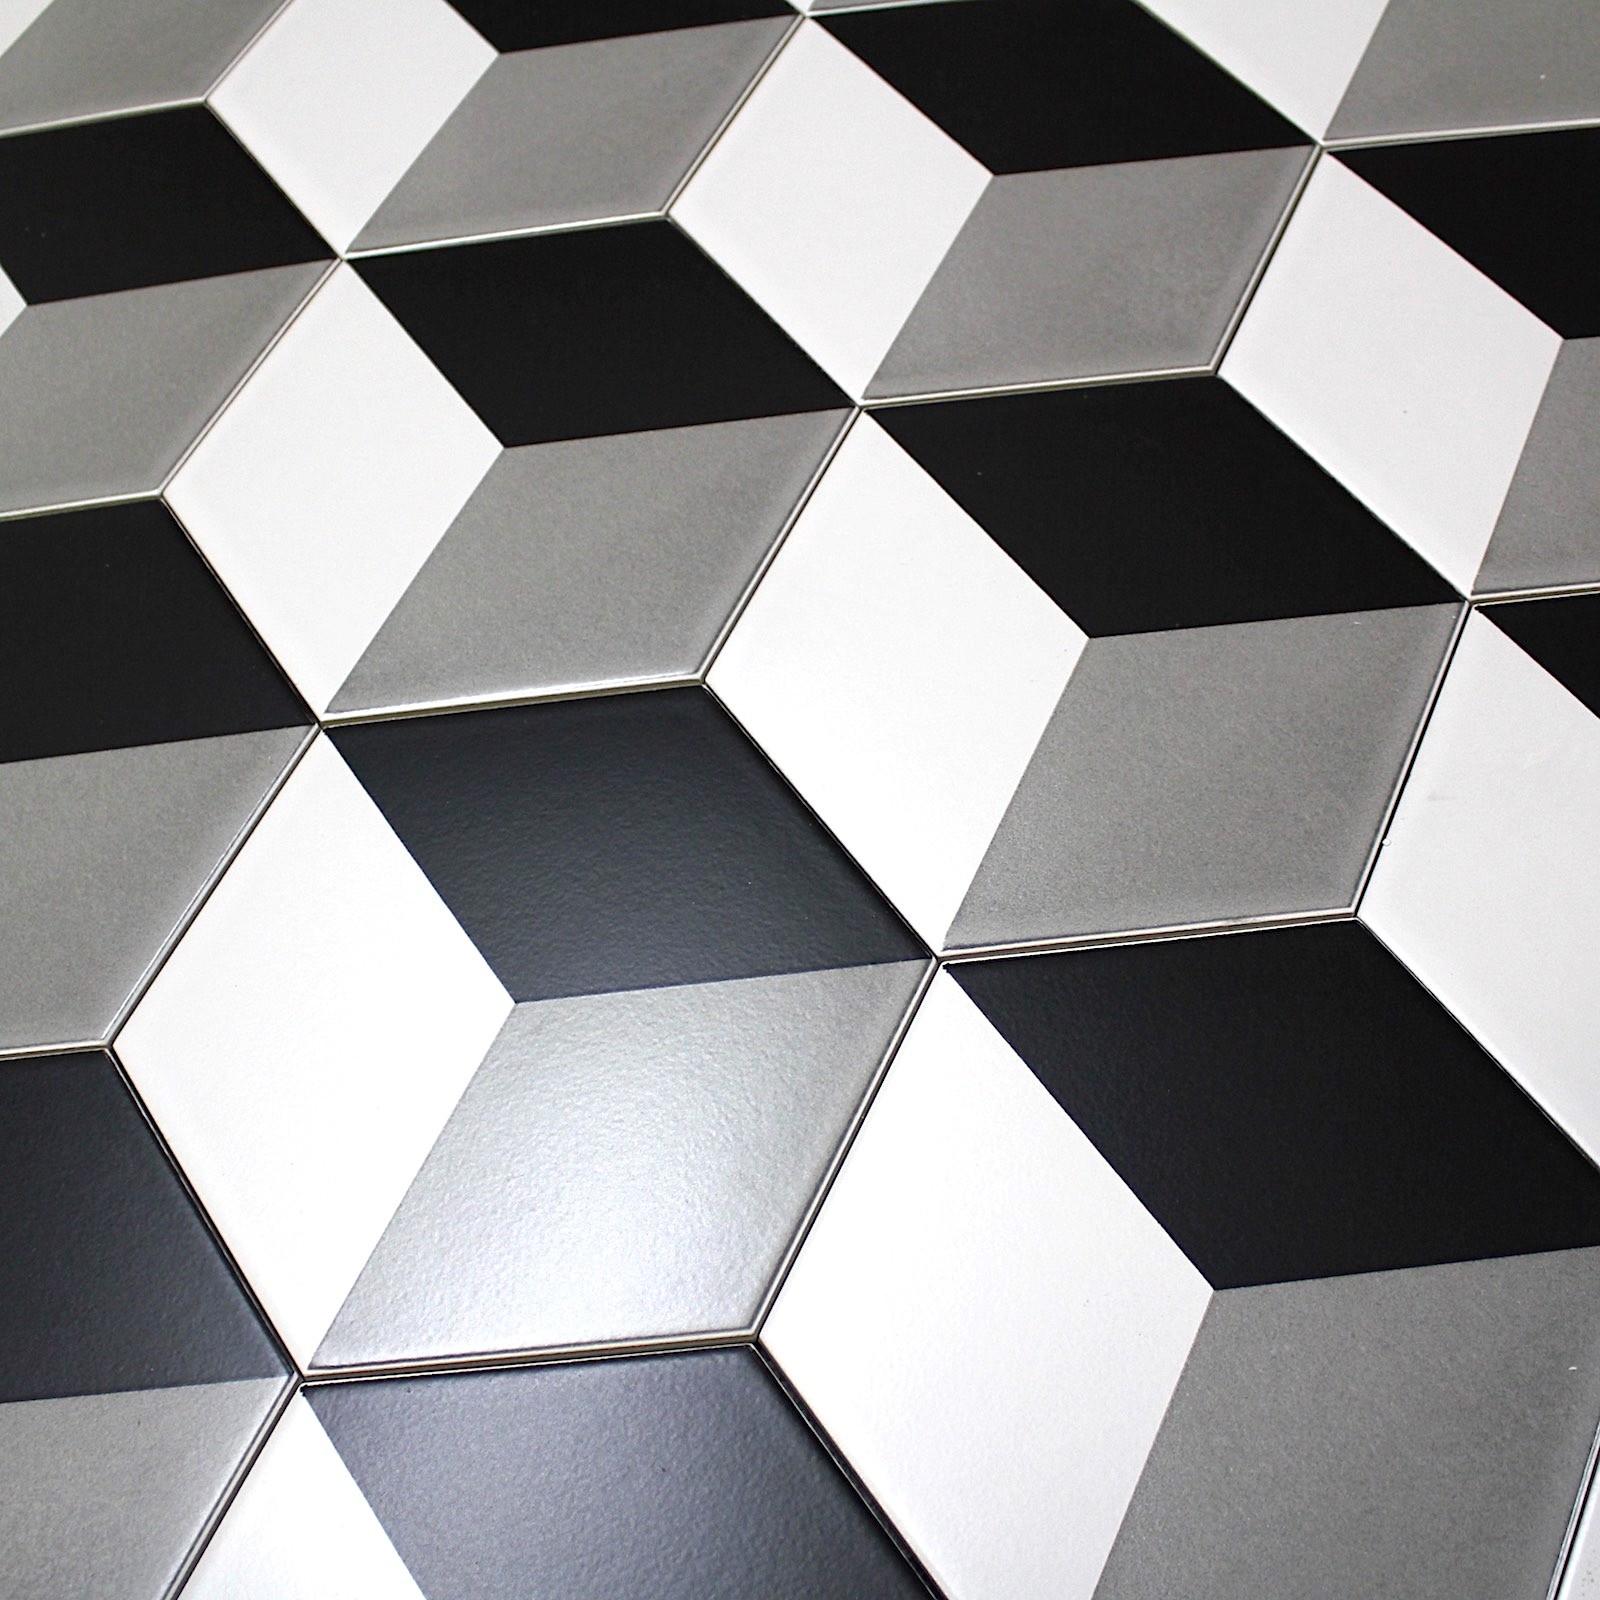 Carrelage Imitation Ciment Noir Et Blanc Hexagonal Cim Cube